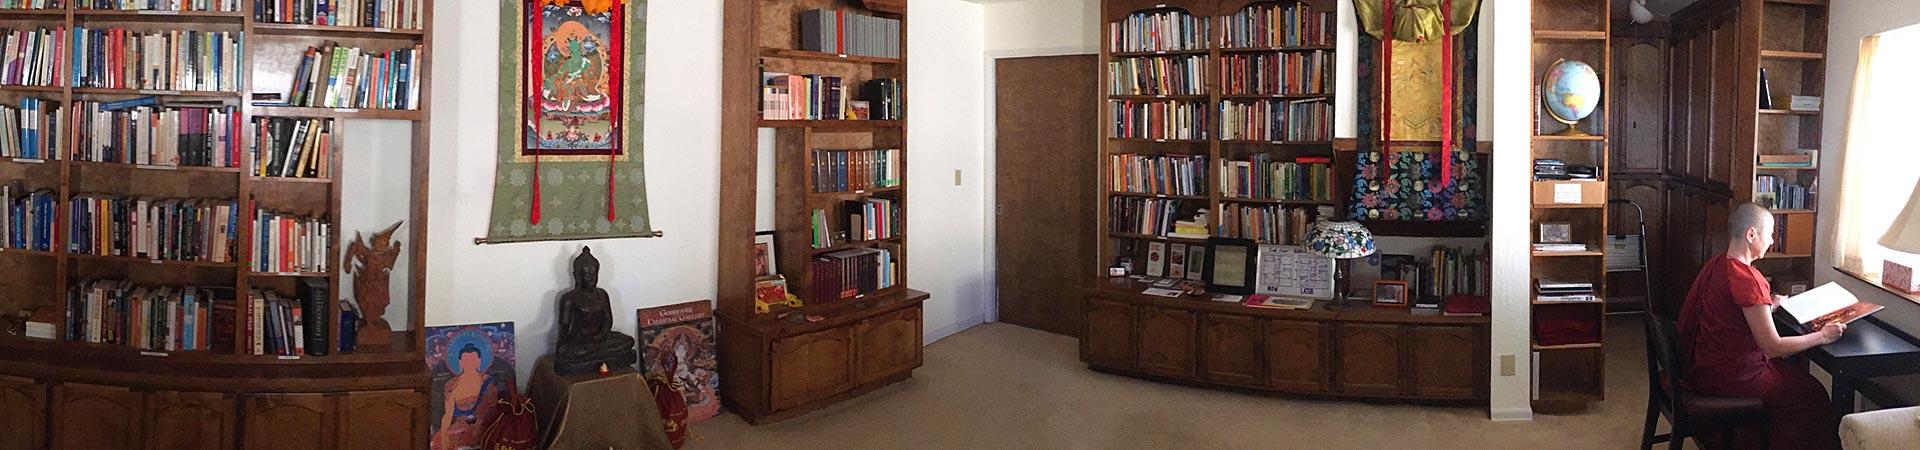 aloka-vihara-library